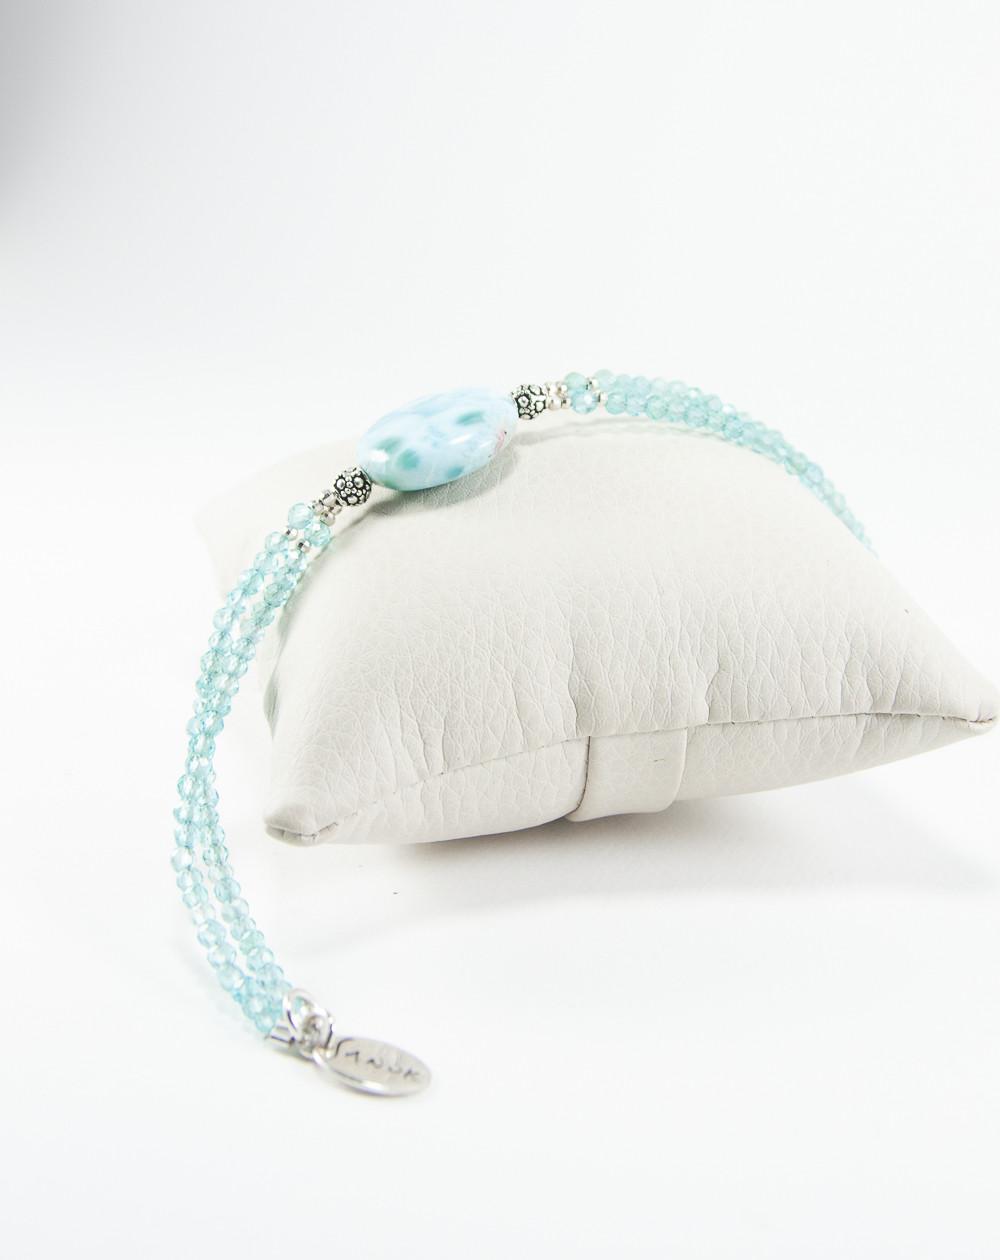 Bracelet double en Apatite et Larimar, Sanuk Création, Créateurs Français